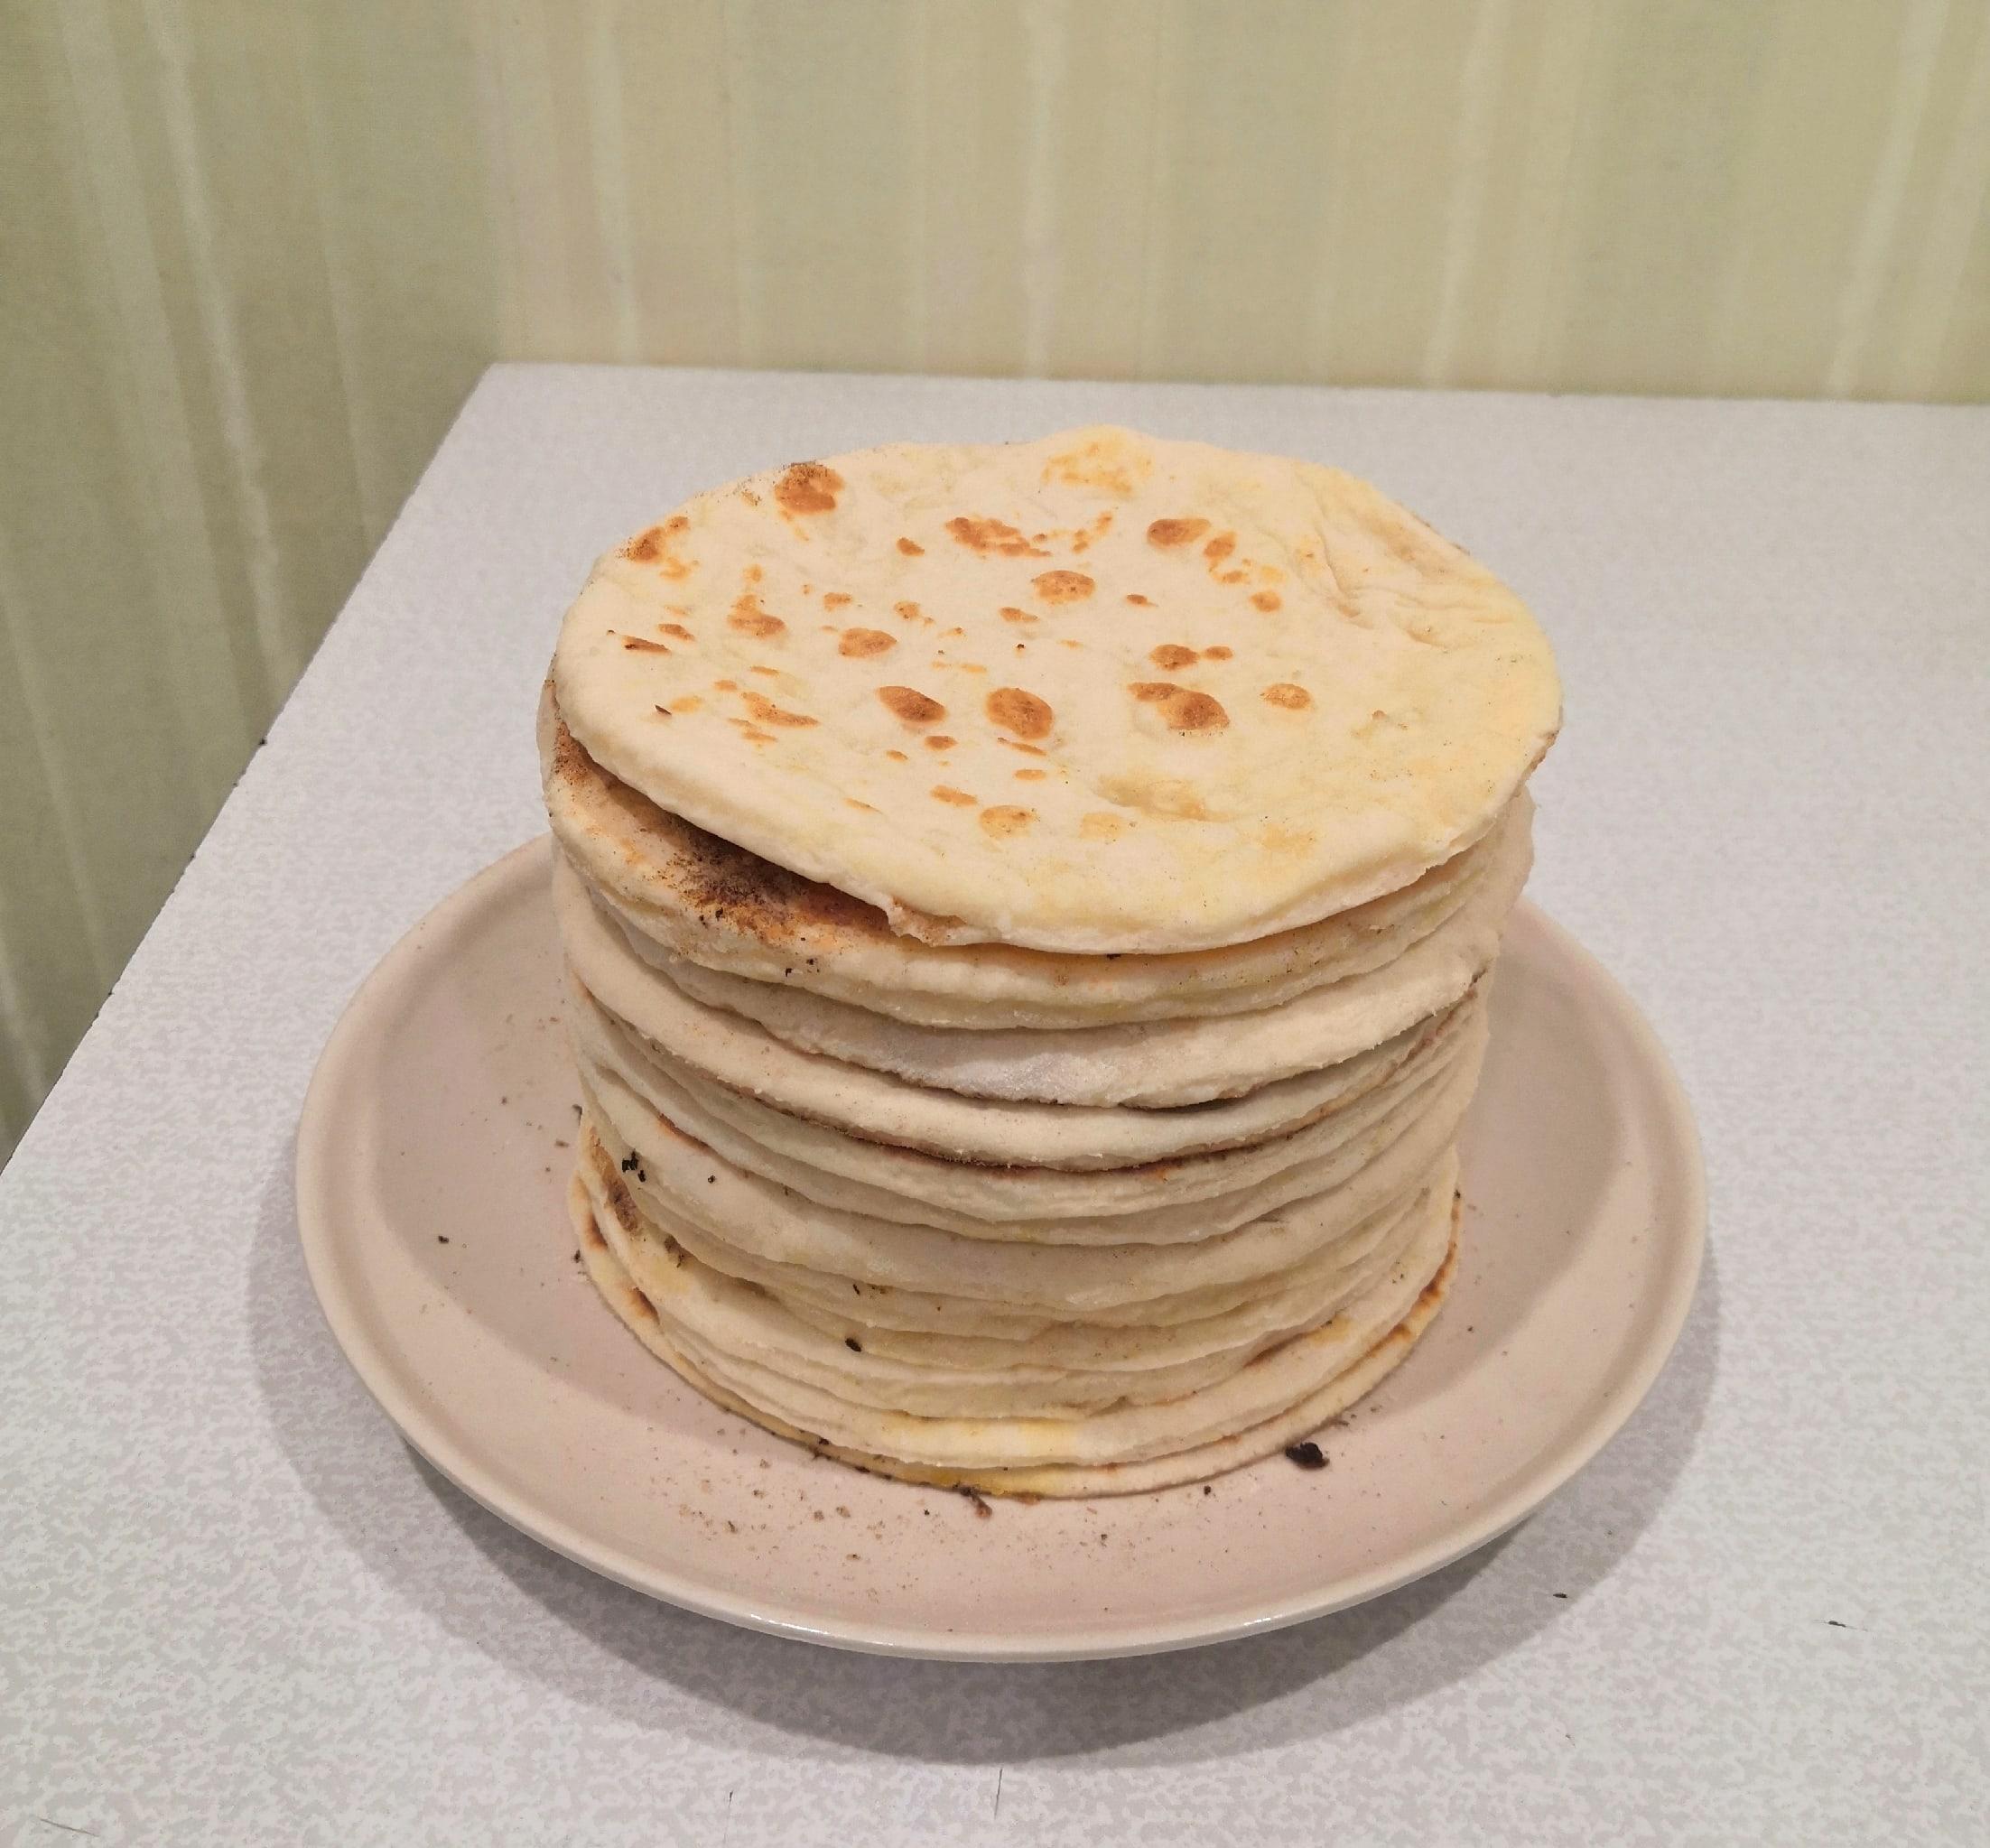 Творожный торт на сковороде с заварным кремом O64WryYzH54